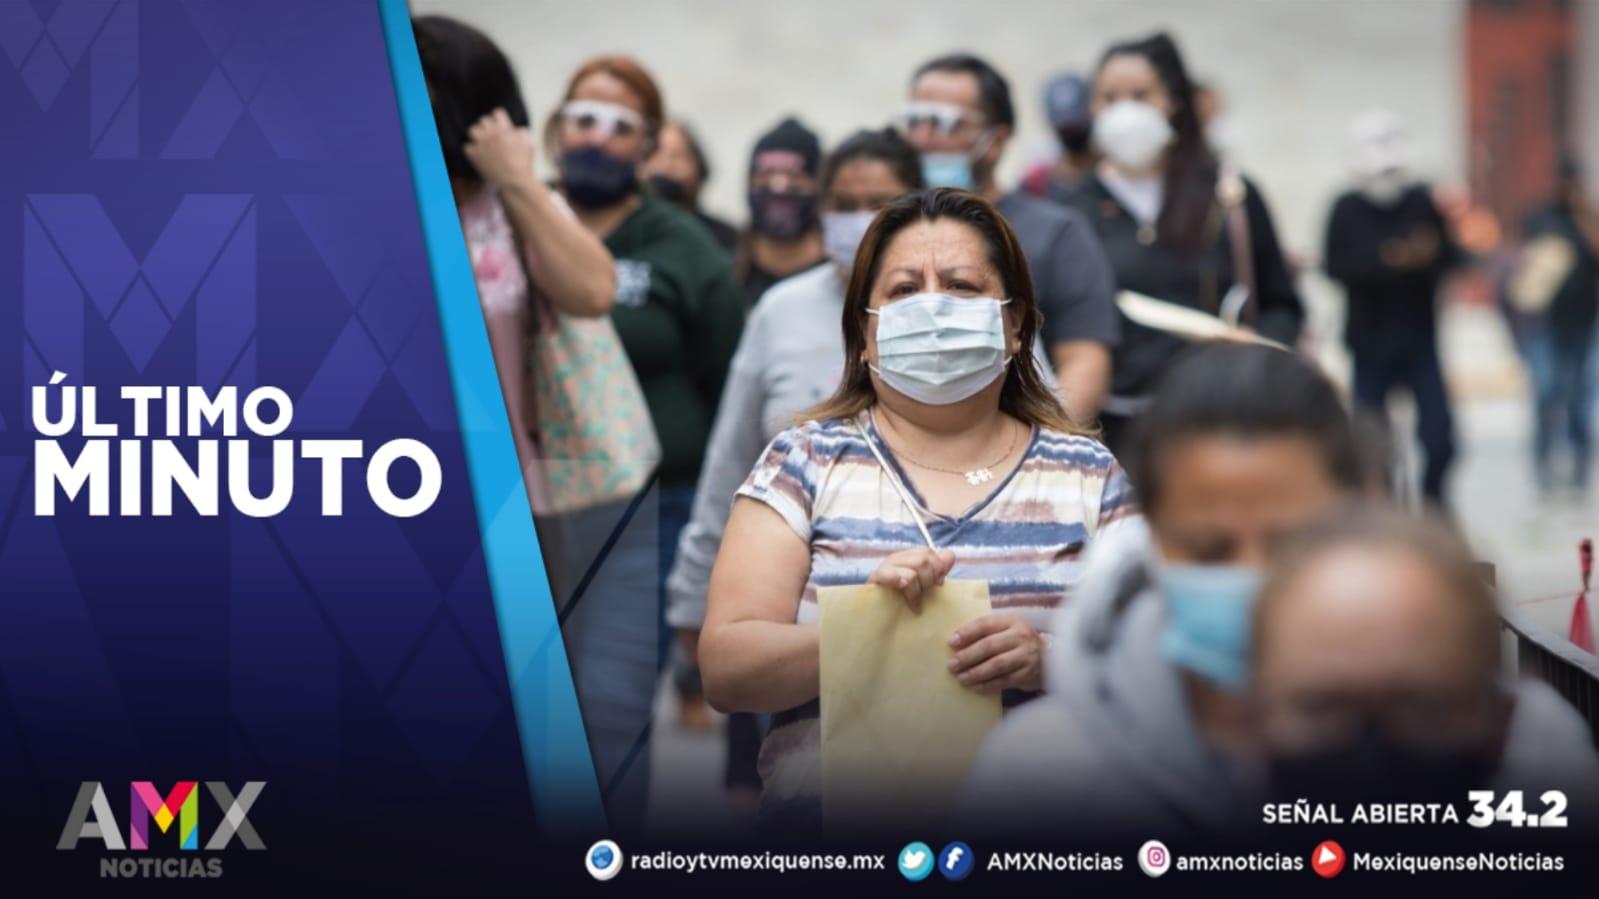 MÉXICO REGISTRA MÁS DE 100 MIL CASOS ACTIVOS DE COVID-19